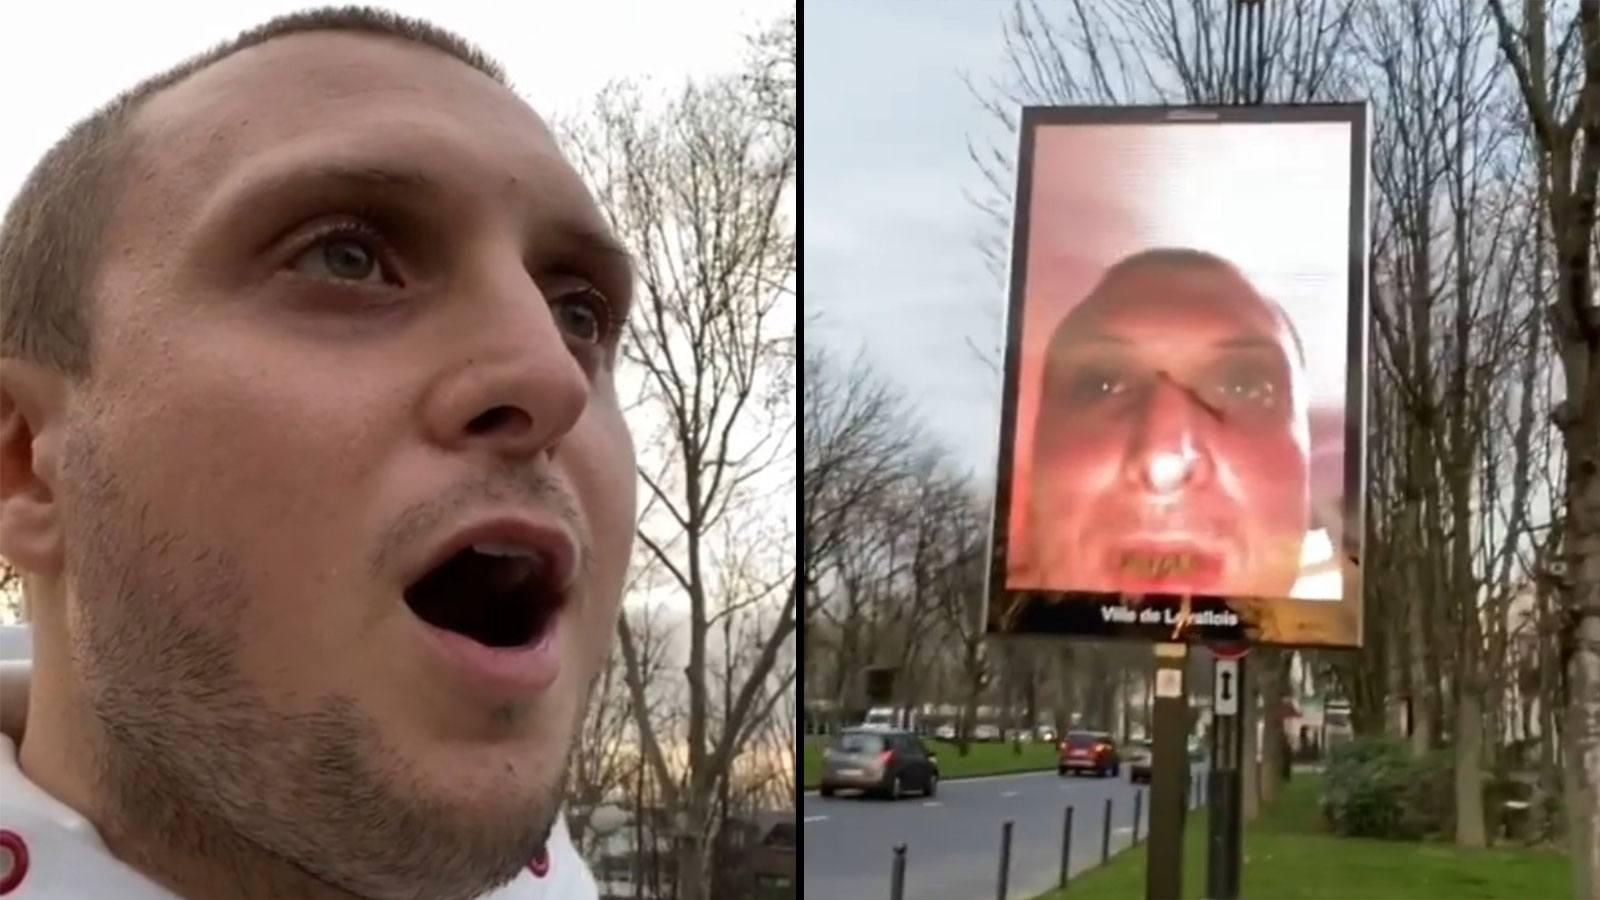 Mcfly découvre son visage sur un panneau publicitaire